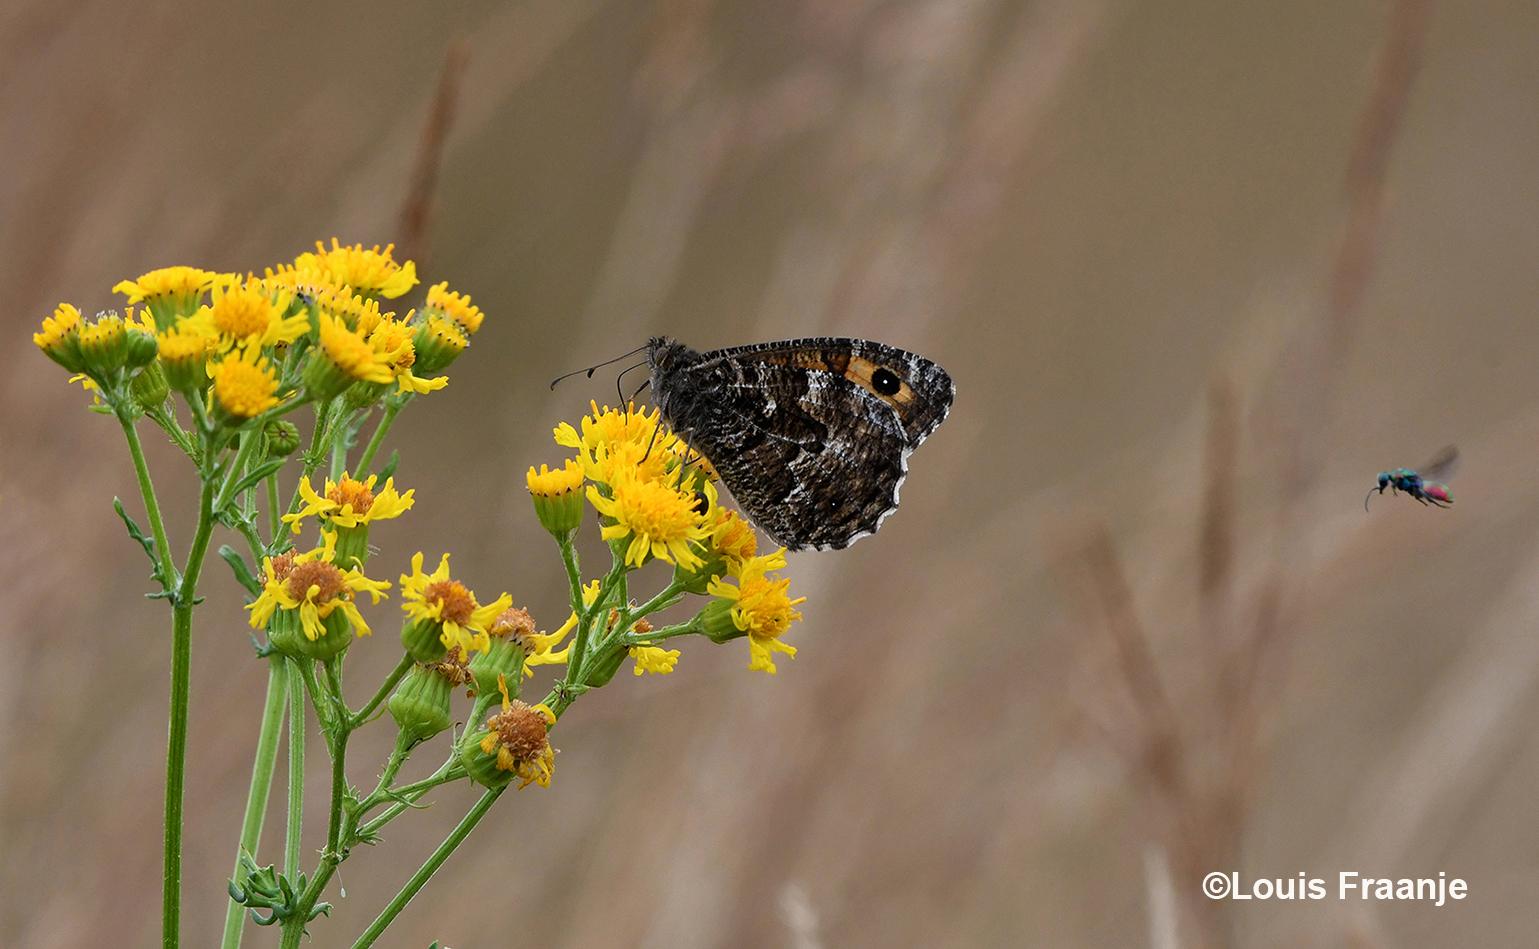 Terwijl de heivlinder nectar uit de bloemen haalt, komt er nog een klein insect aanvliegen - Foto: ©Louis Fraanje